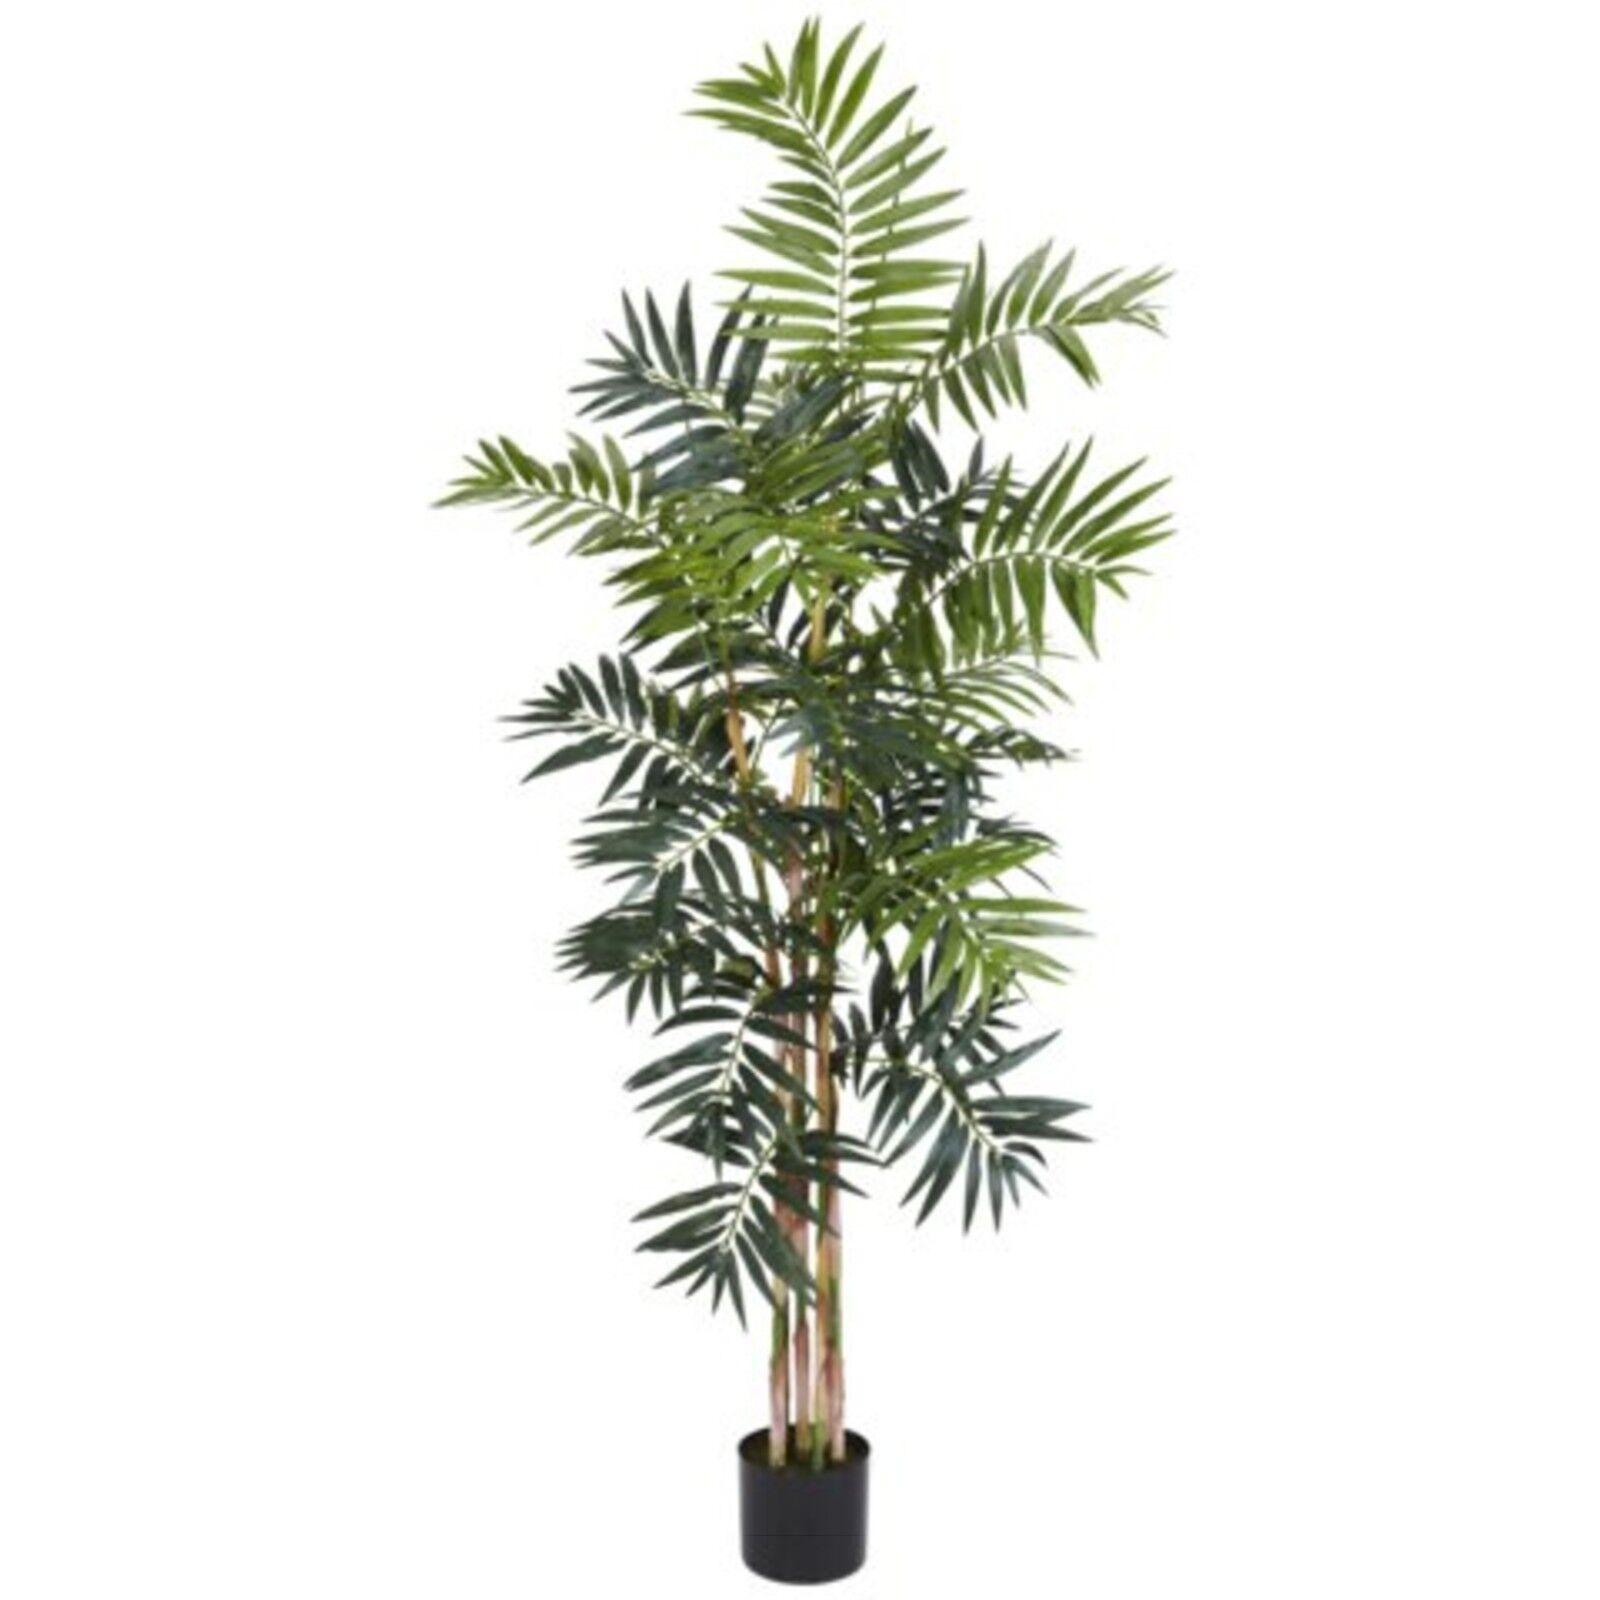 Decorative Naturelle Artificielle asiatique 5' Bamboo Palm soie Arbre synthétique Plantes